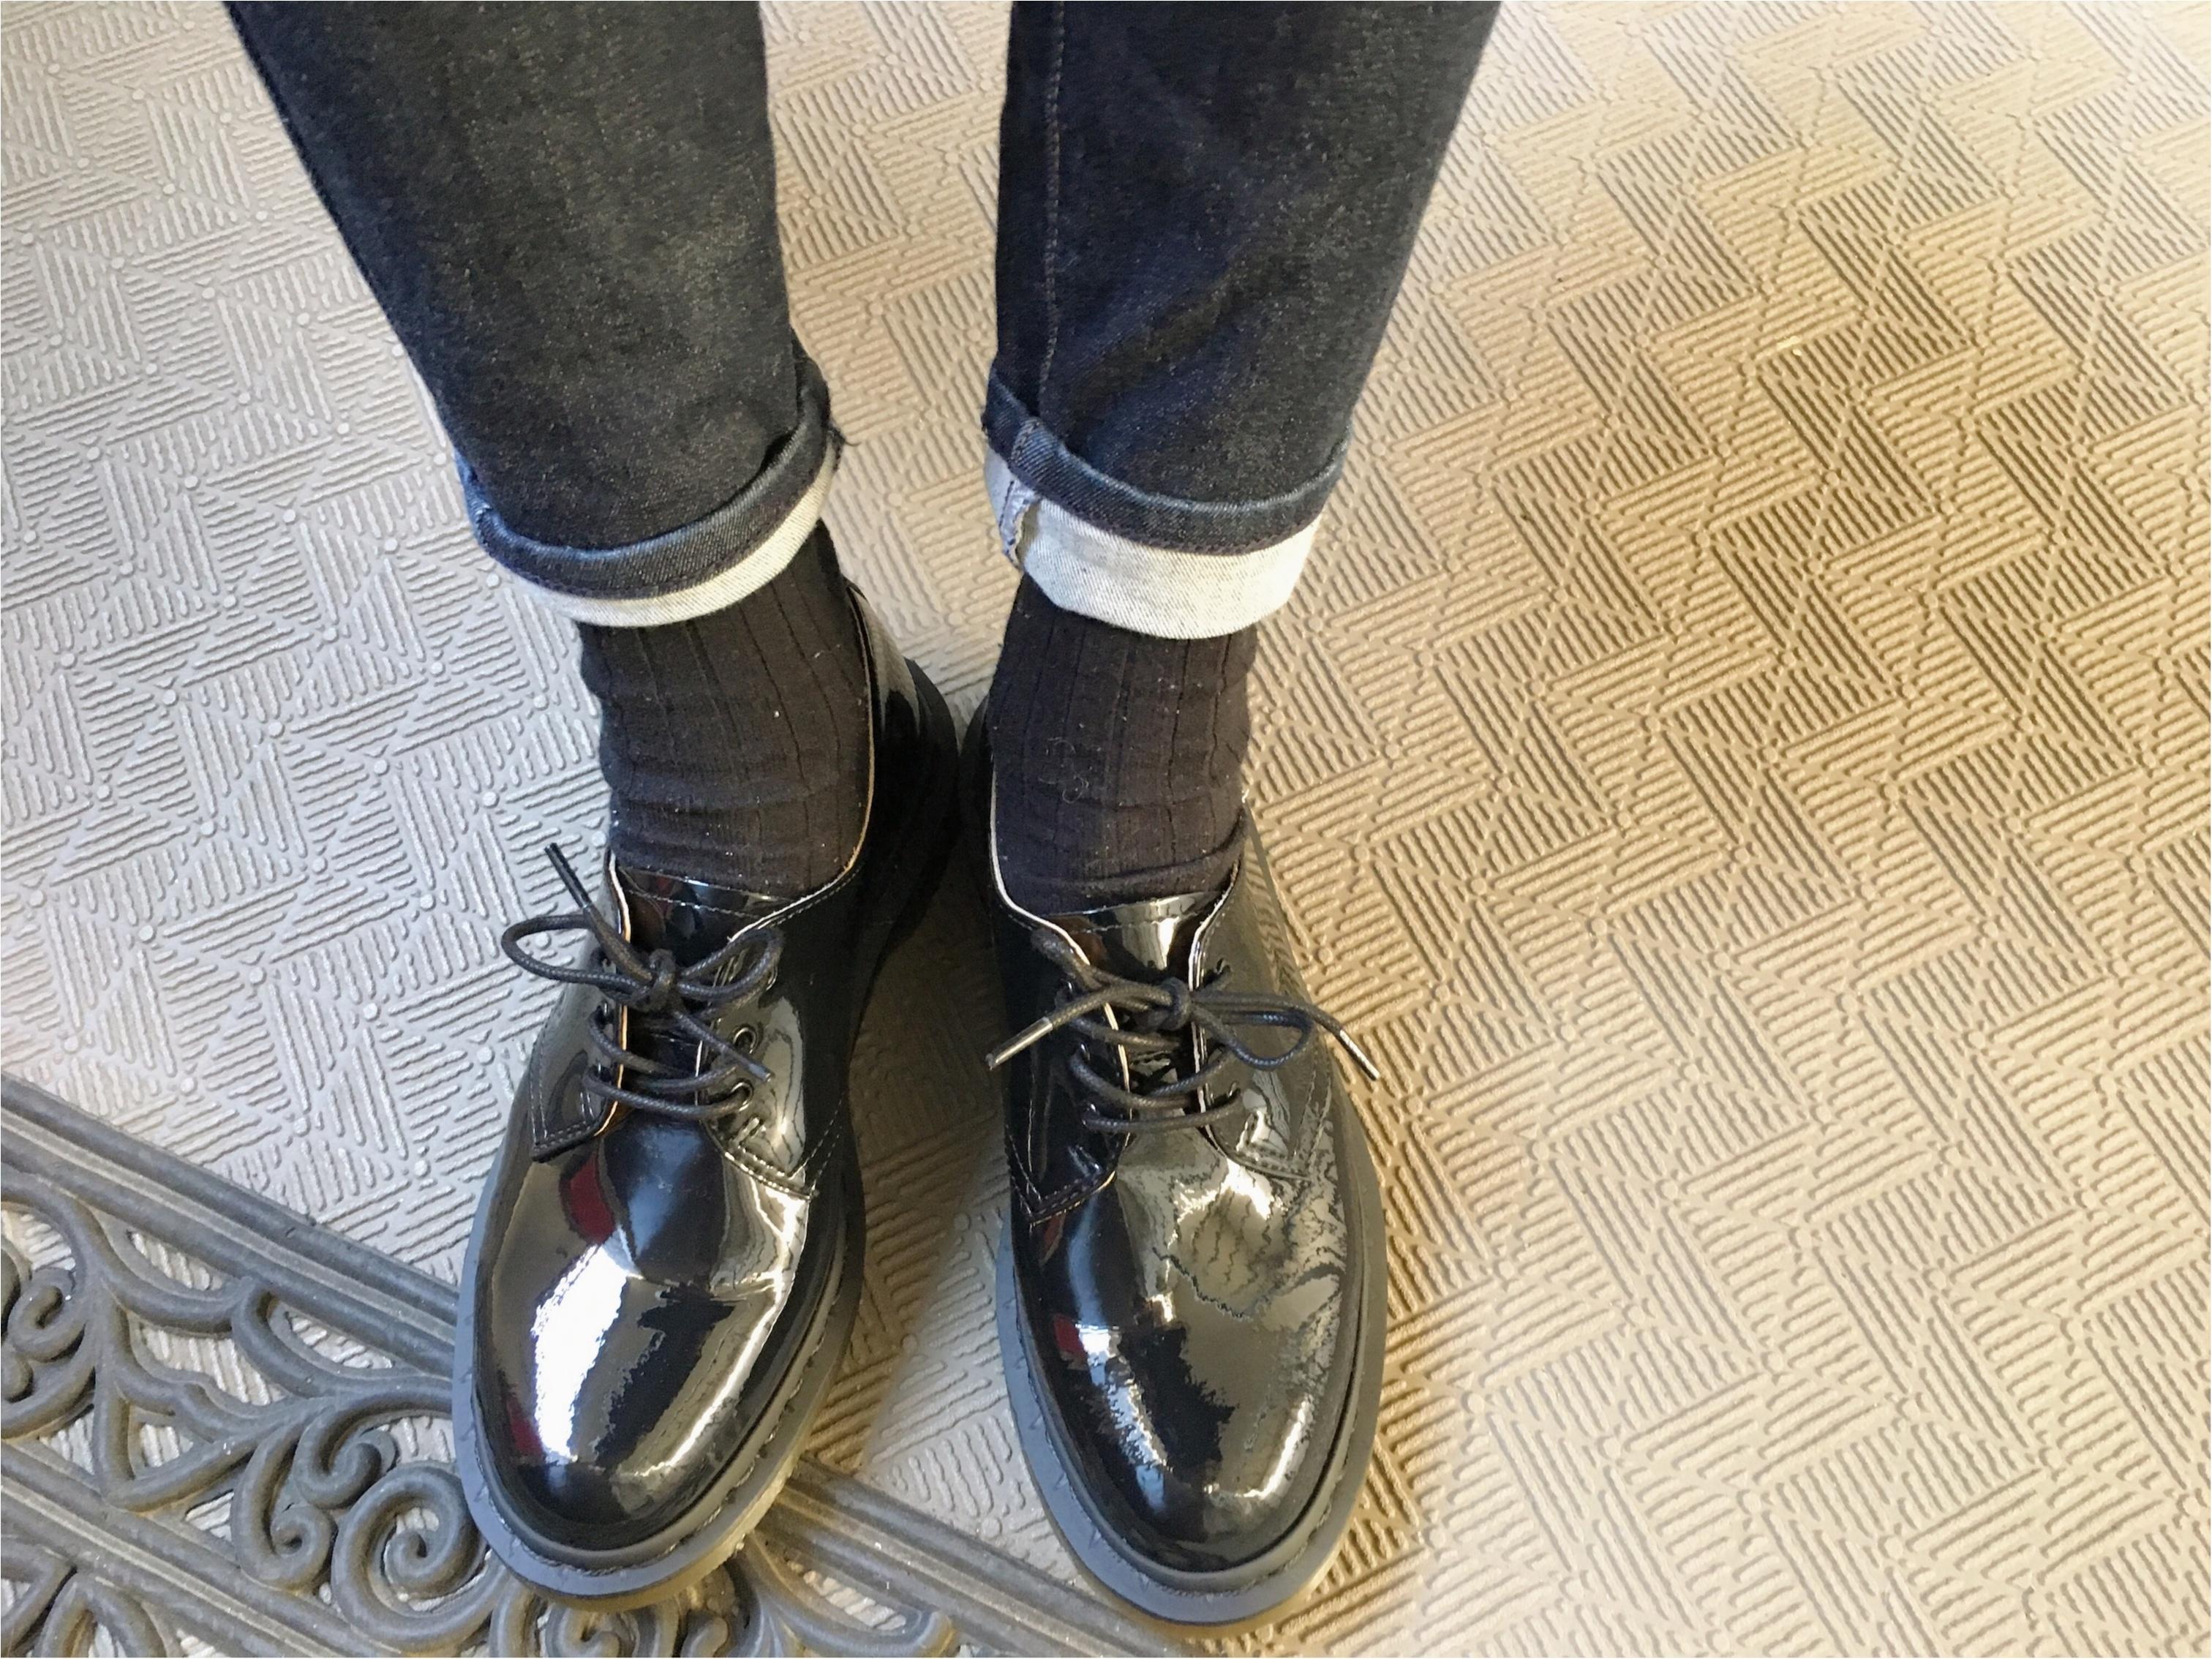 ★【BEAMS×Dr.Martens】コラボシューズが可愛すぎる!しかも、シューズが2wayって、どうゆうこと?!_2